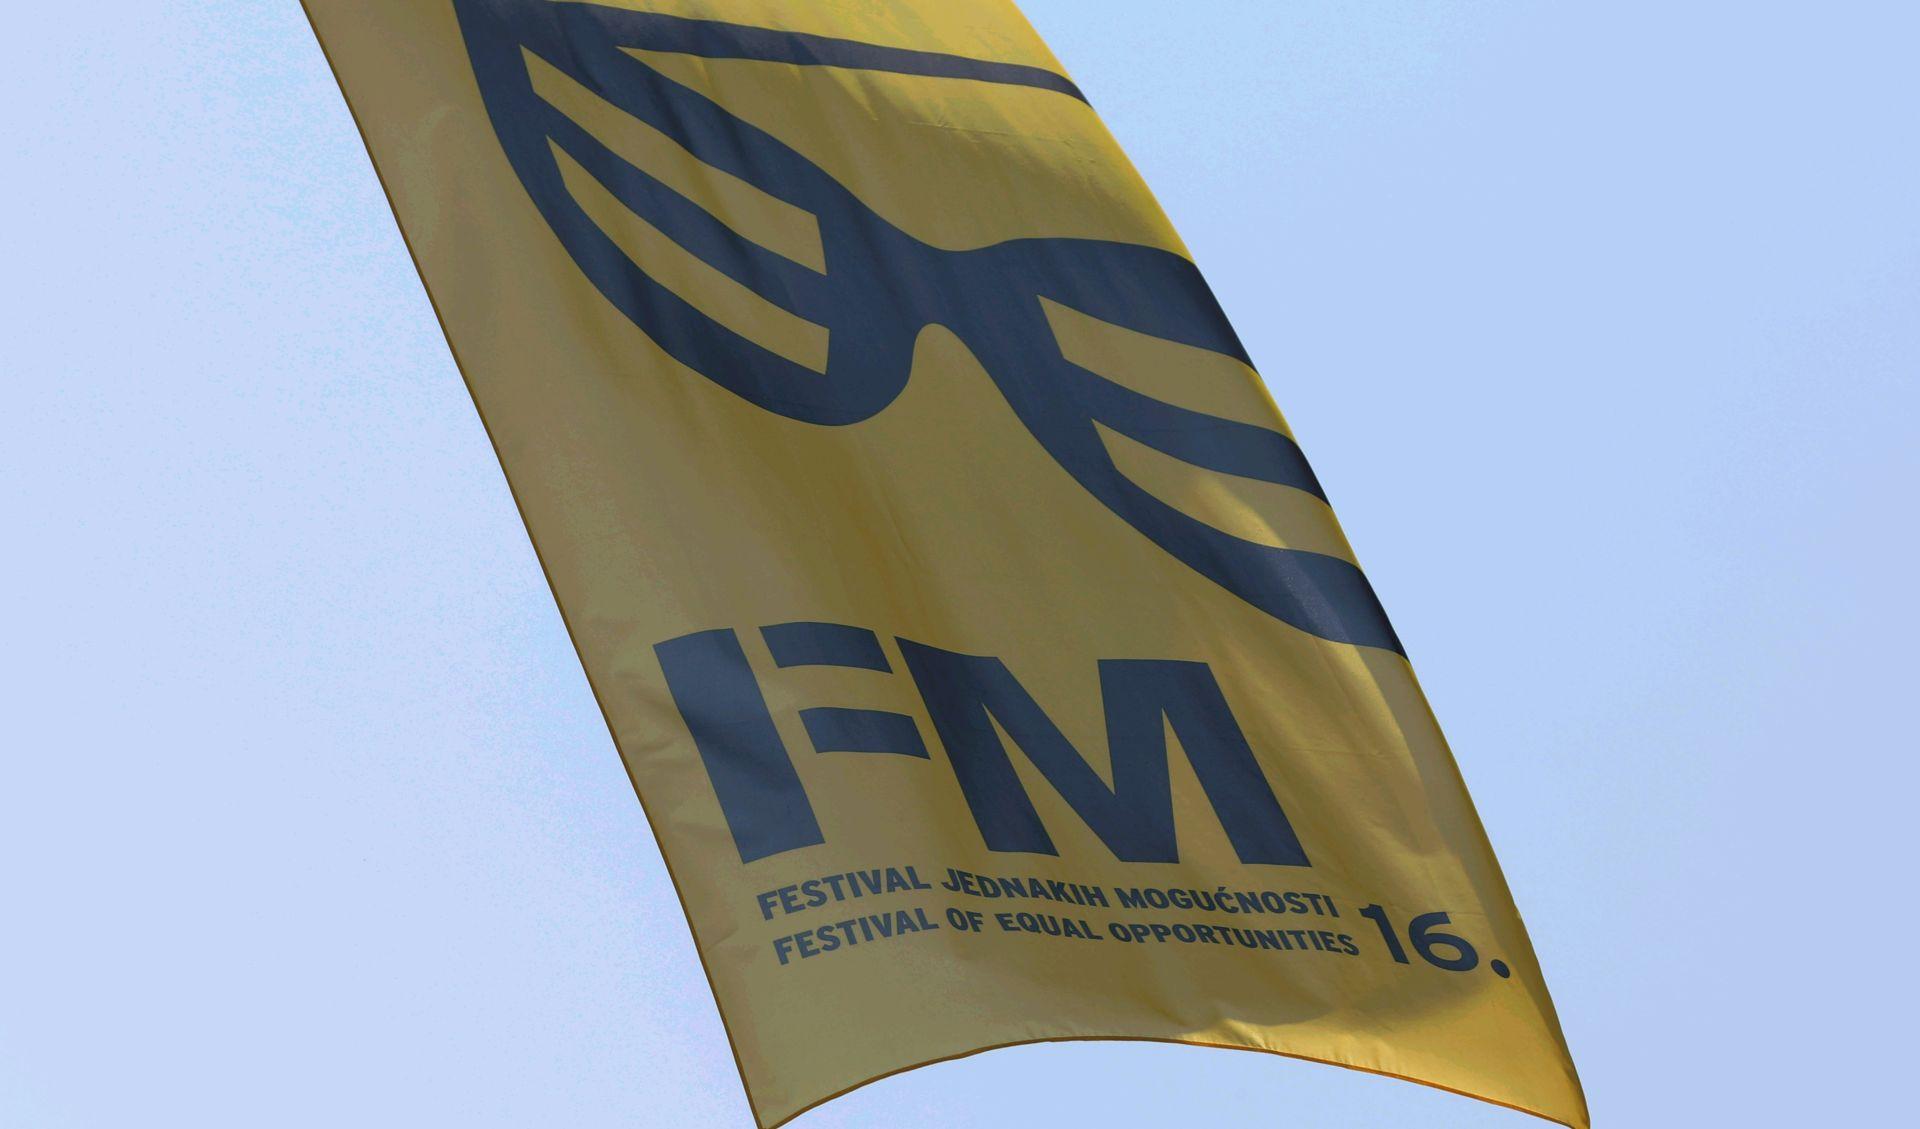 Na 16. Festivalu jednakih mogućnosti nastupit će preko 900 izvođača